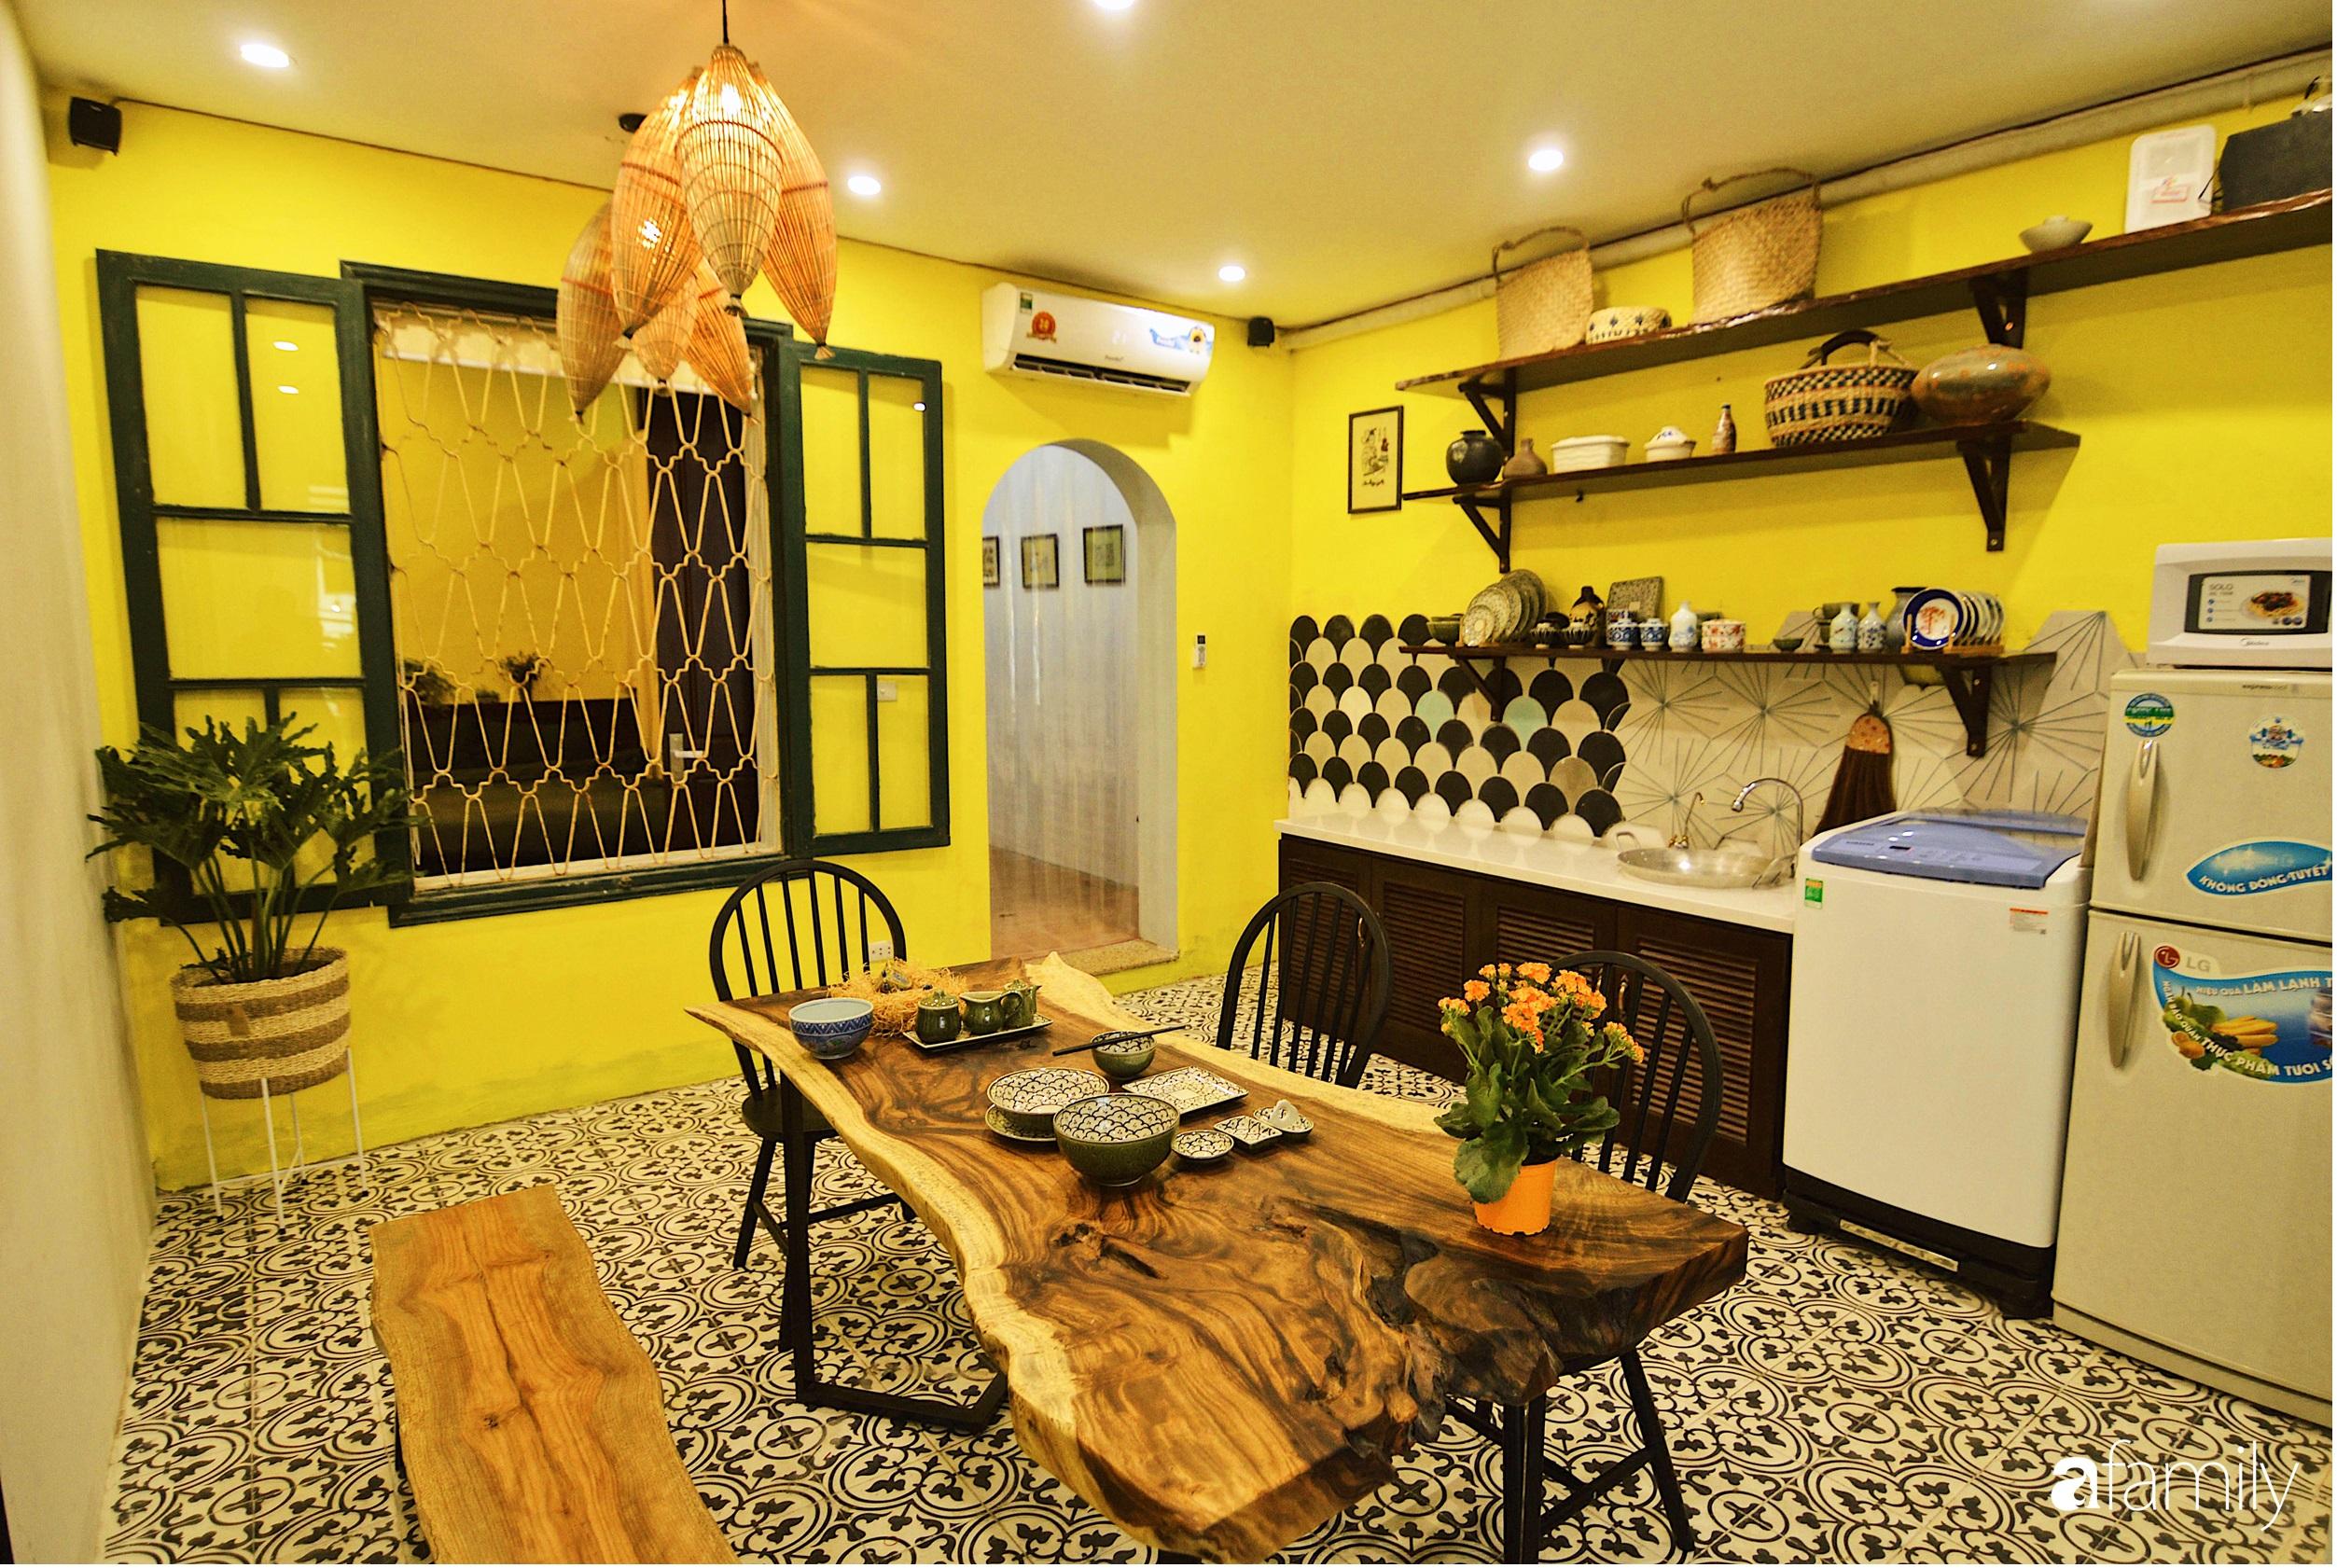 Căn hộ tập thể vàng ươm sắc nắng đẹp mang vẻ hoài cổ ấn tượng ở quận Hoàn Kiếm, Hà Nội - Ảnh 1.